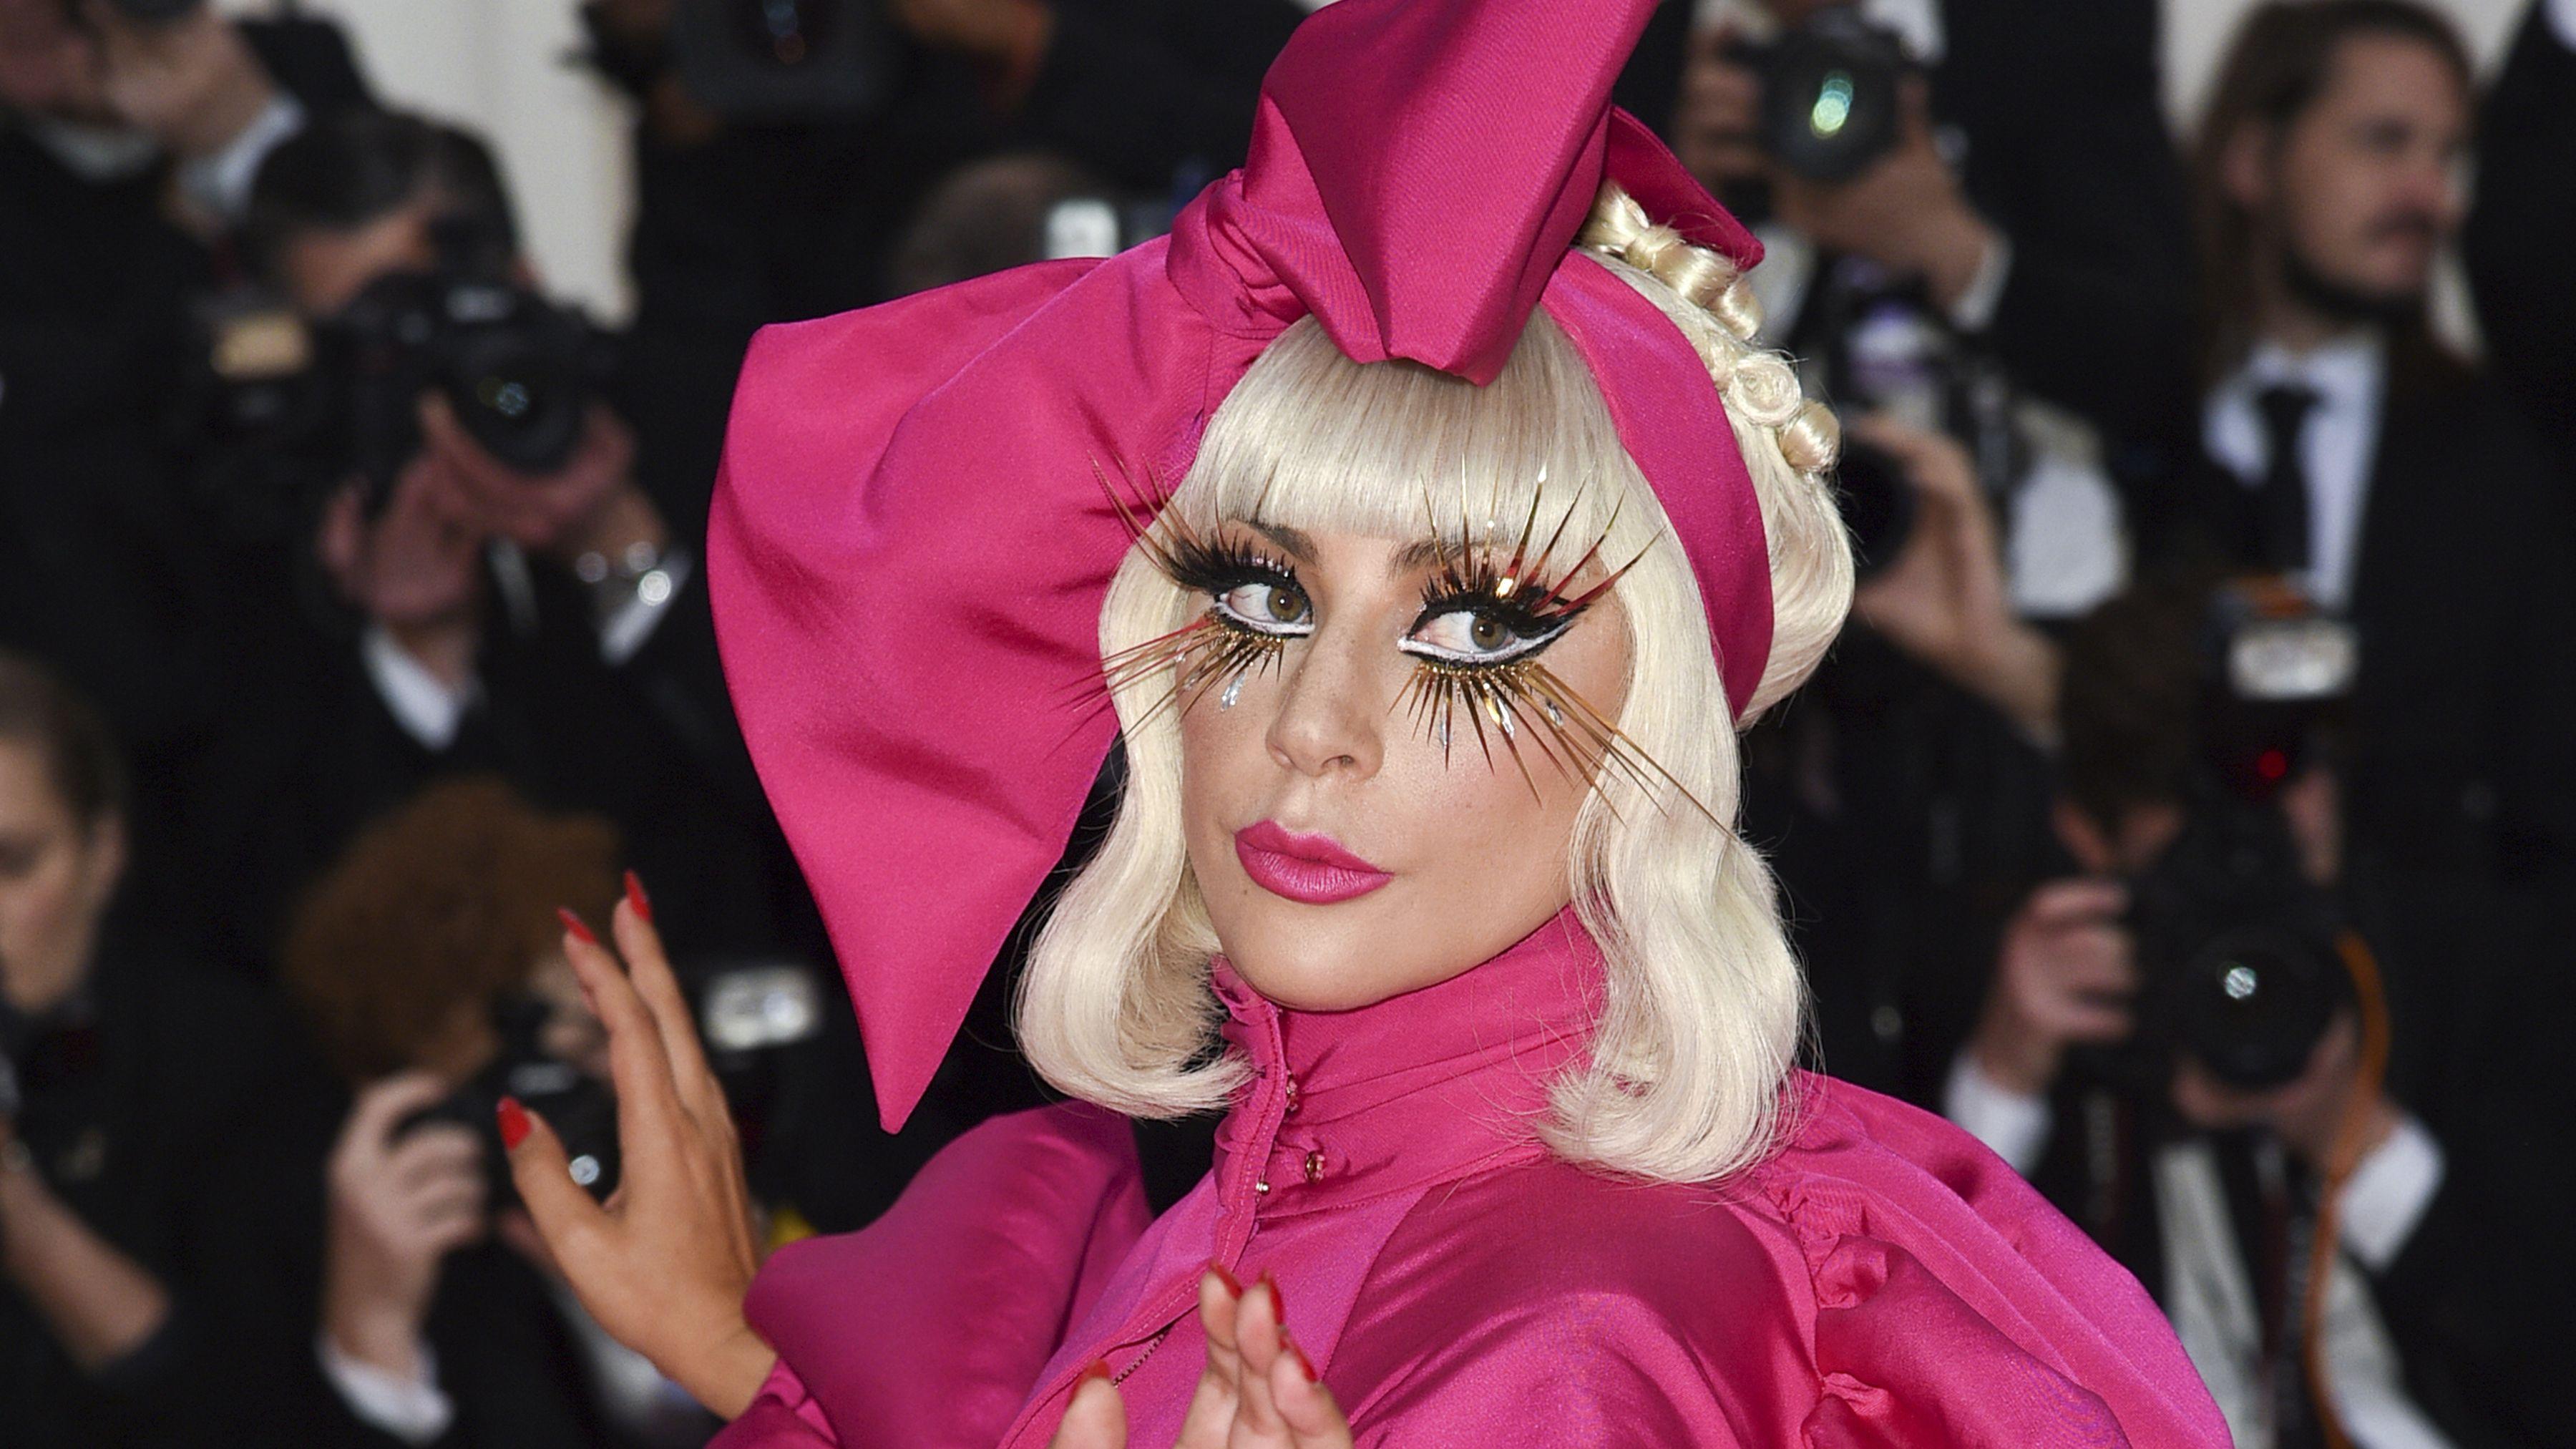 Lady Gaga im pinken Satin-Kleid mit Puffärmeln und riesiger Schleife am Kopf, erinnert an eine Disney-Figur. Auffälliges Augen-Makeup.